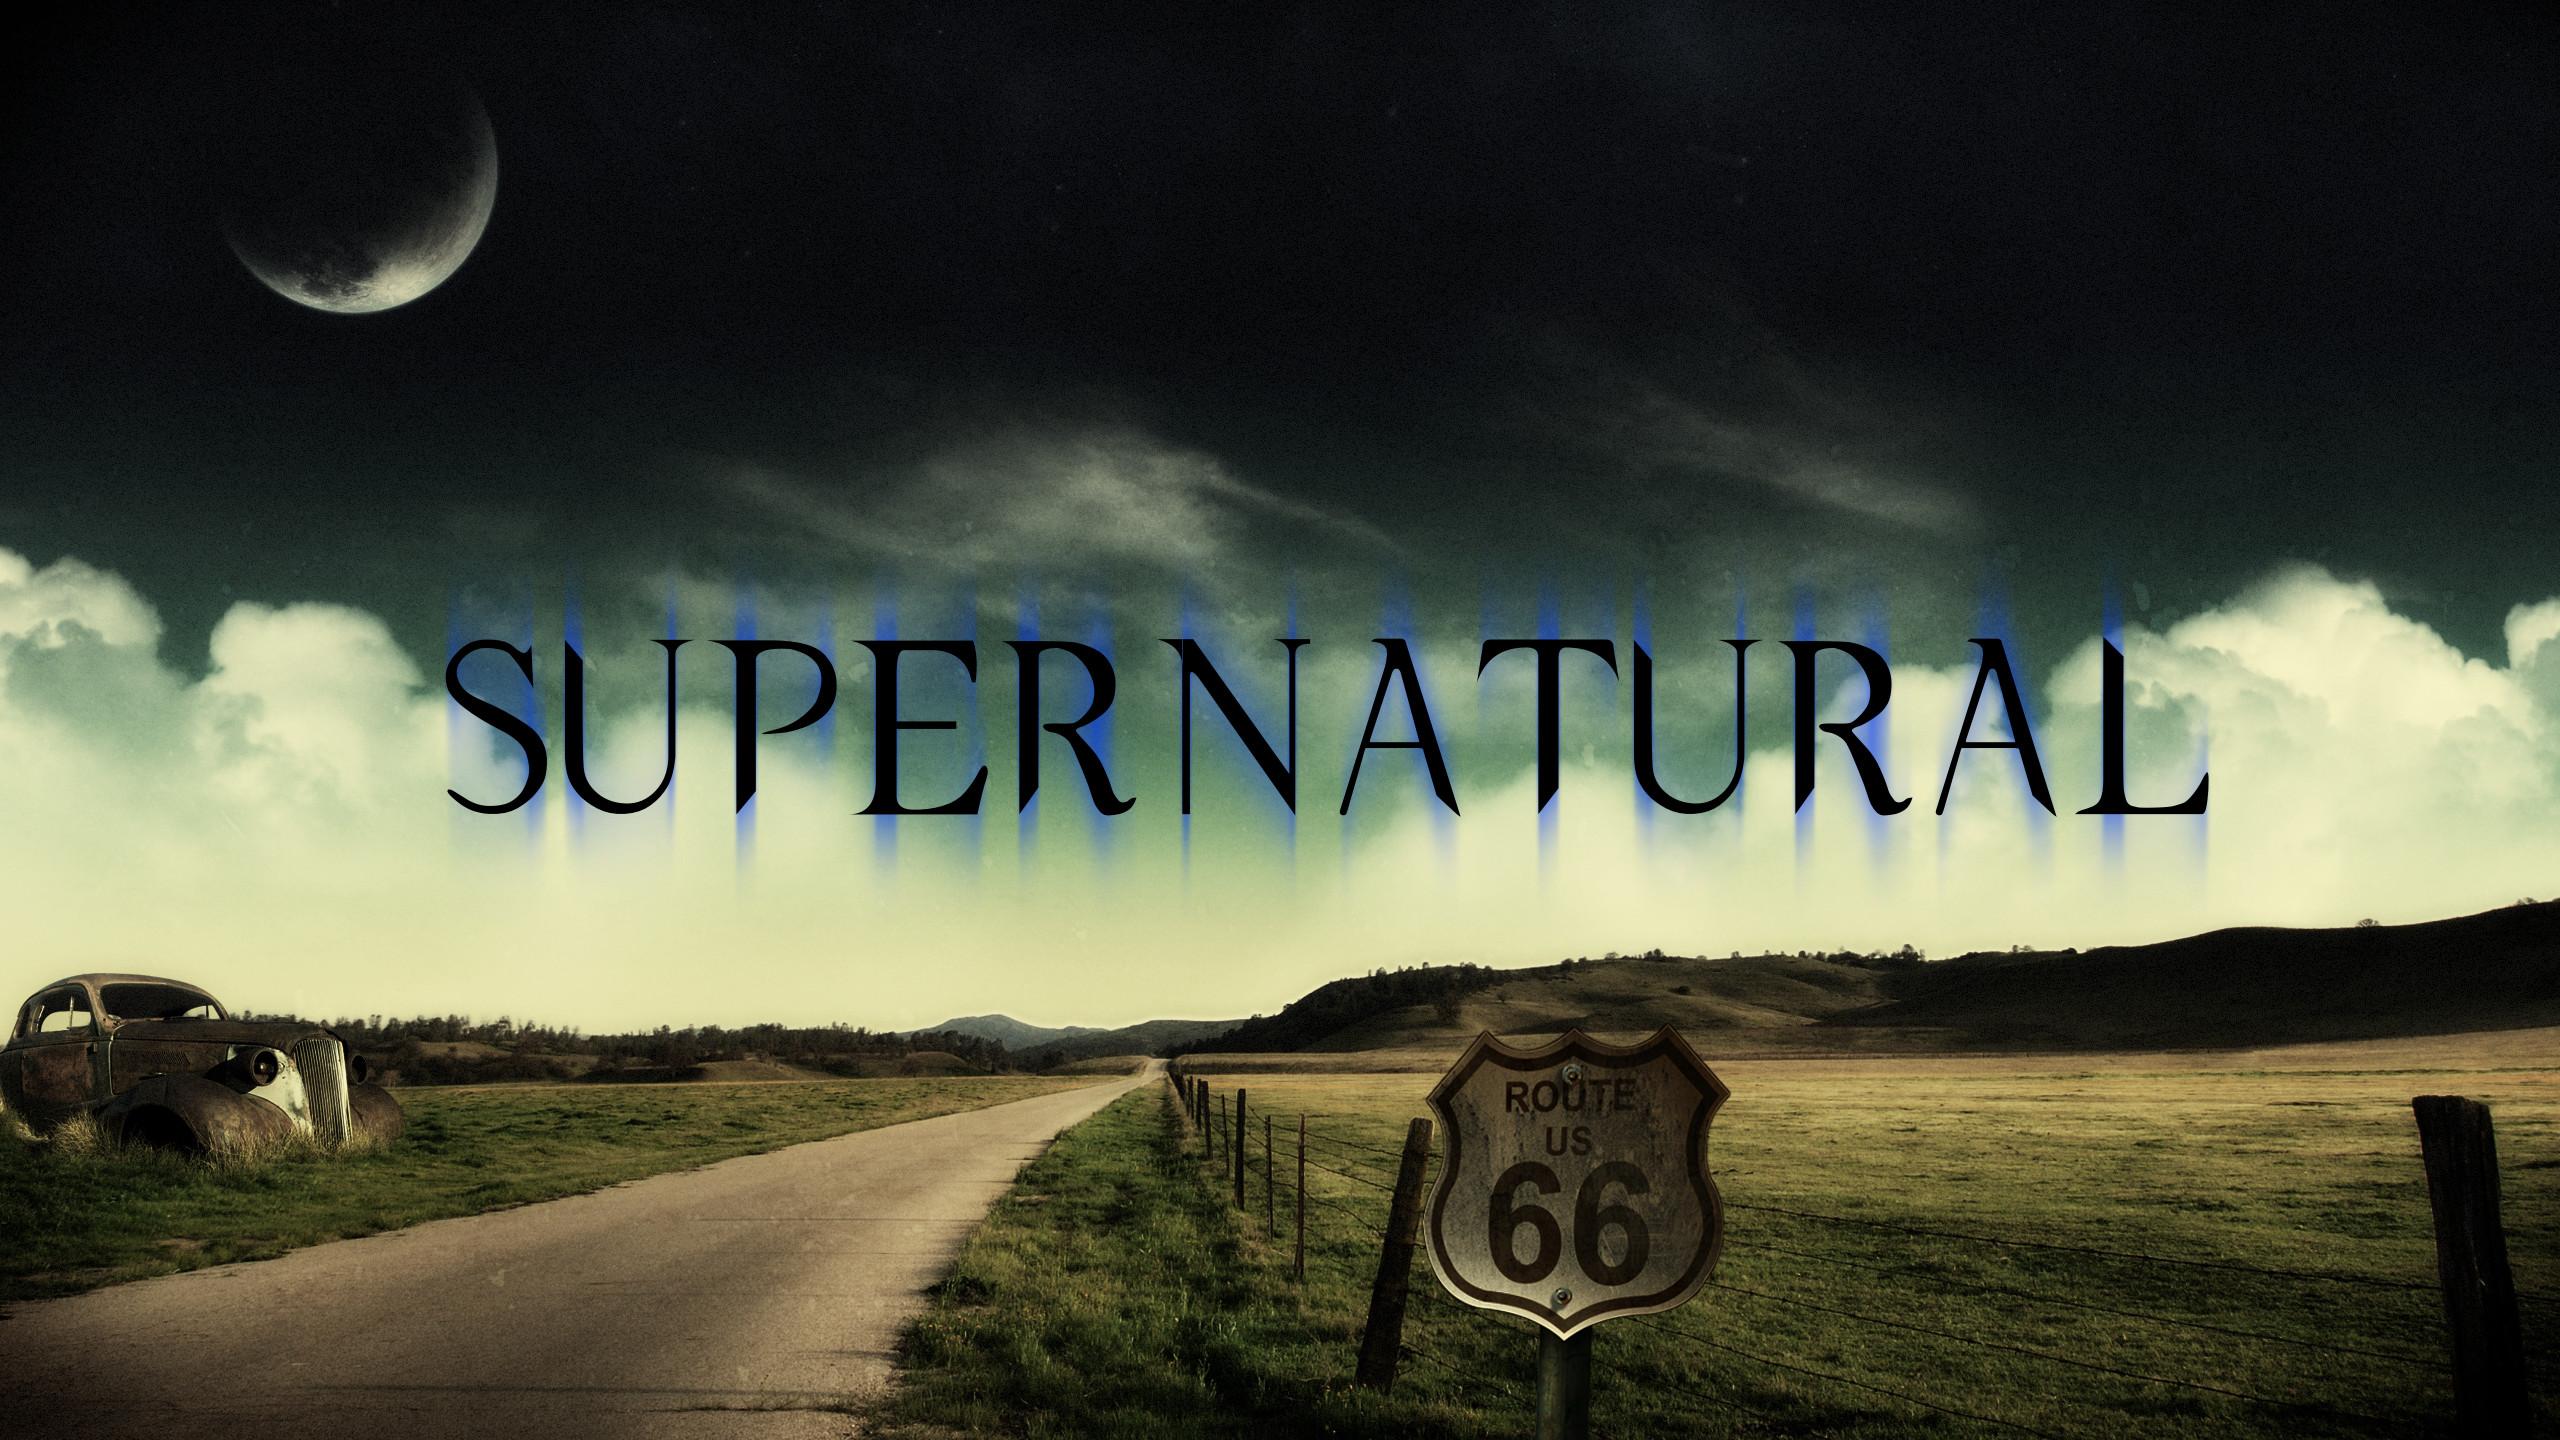 Supernatural Wallpaper Season 8